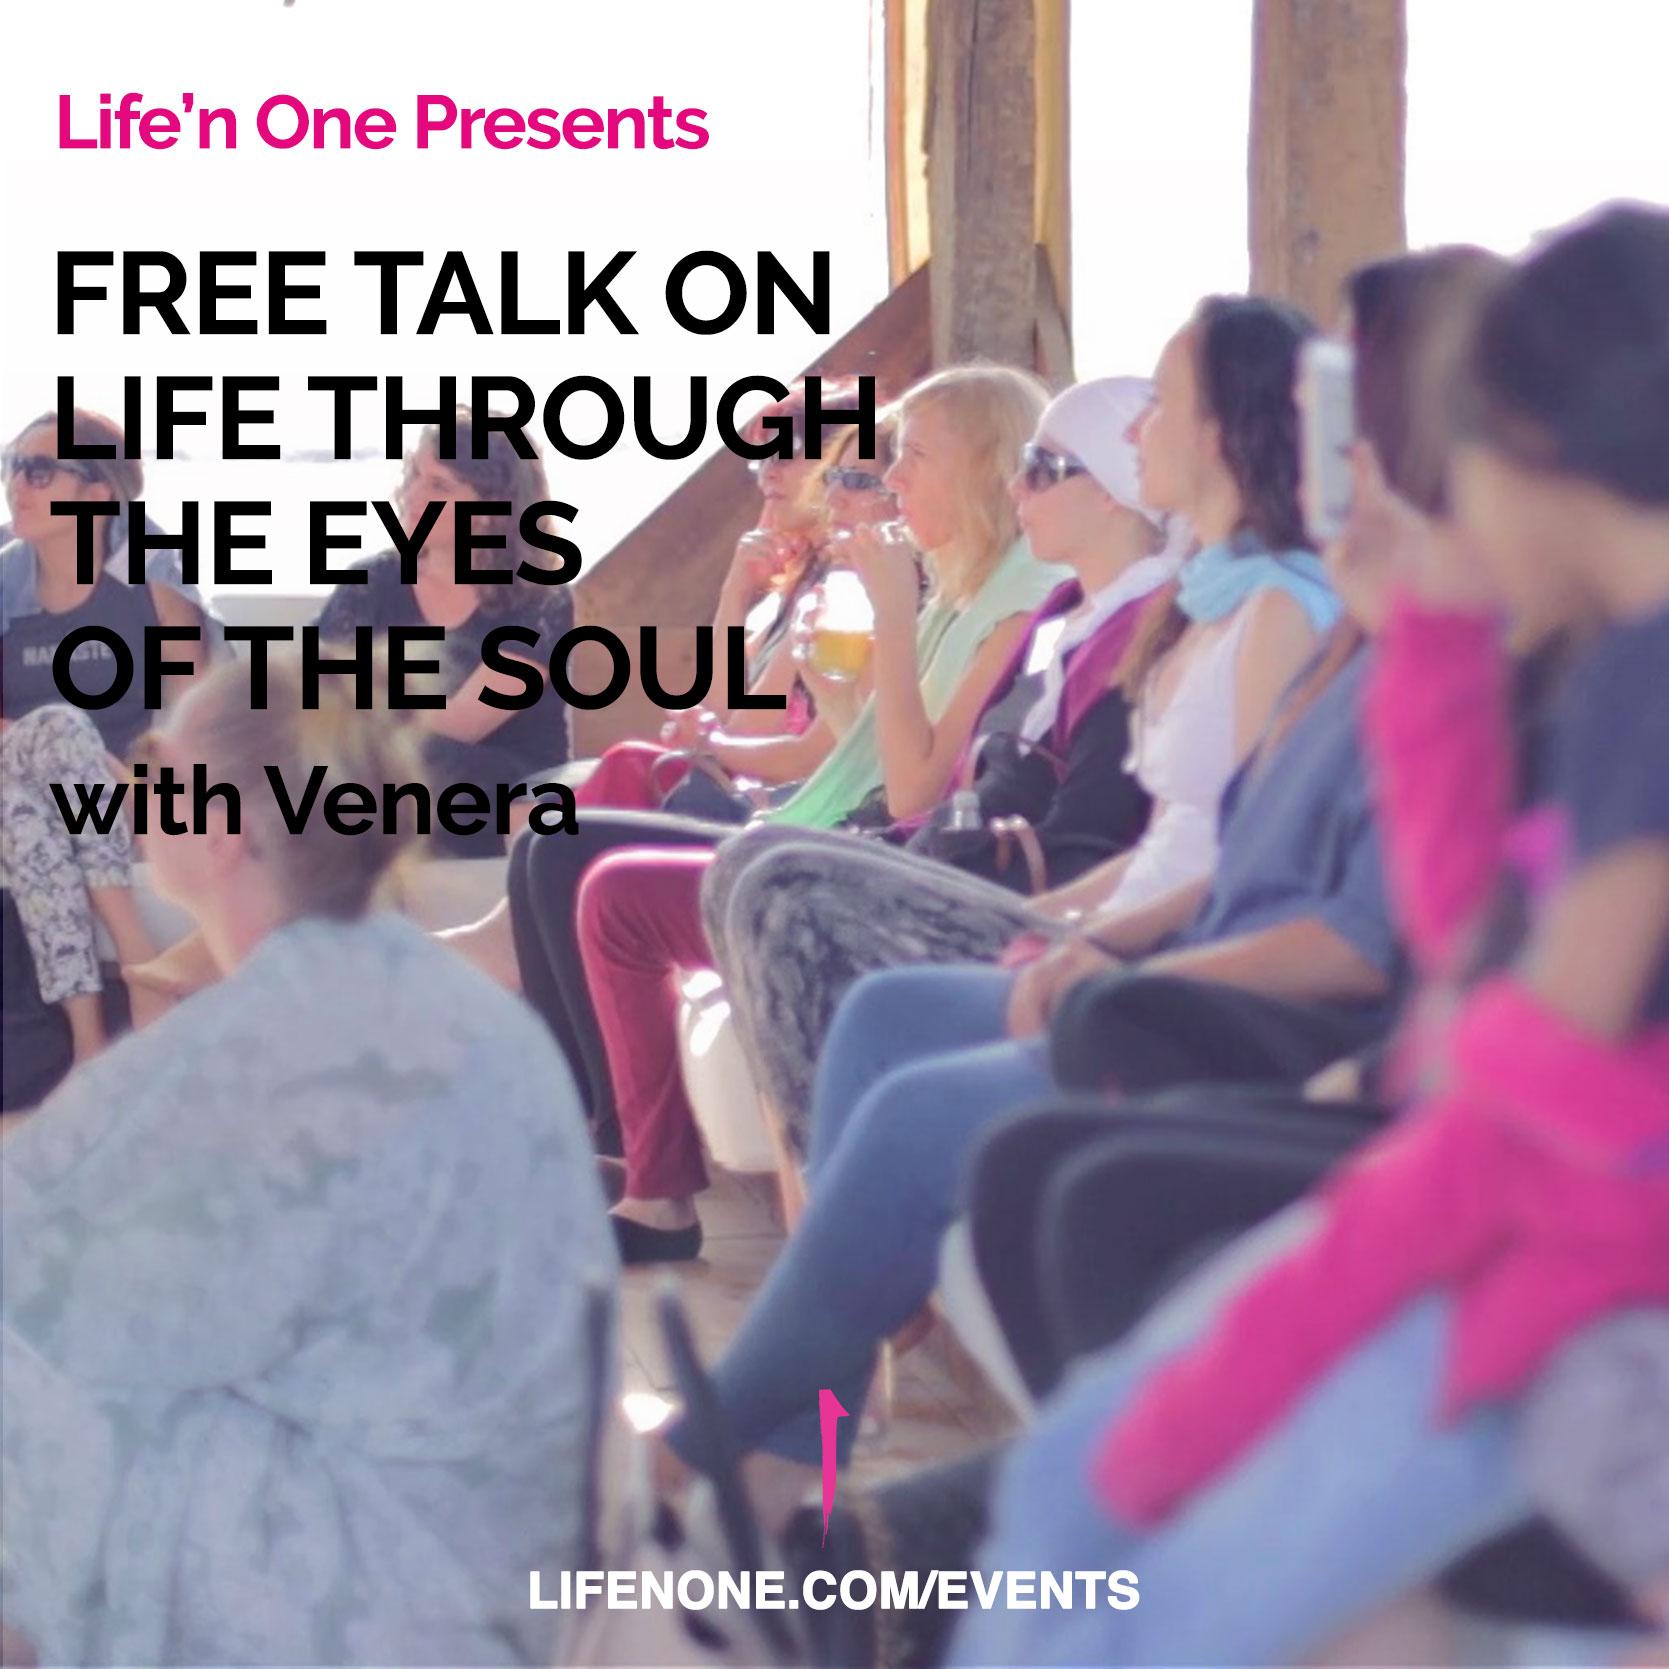 Free-talk-with-venera.jpg